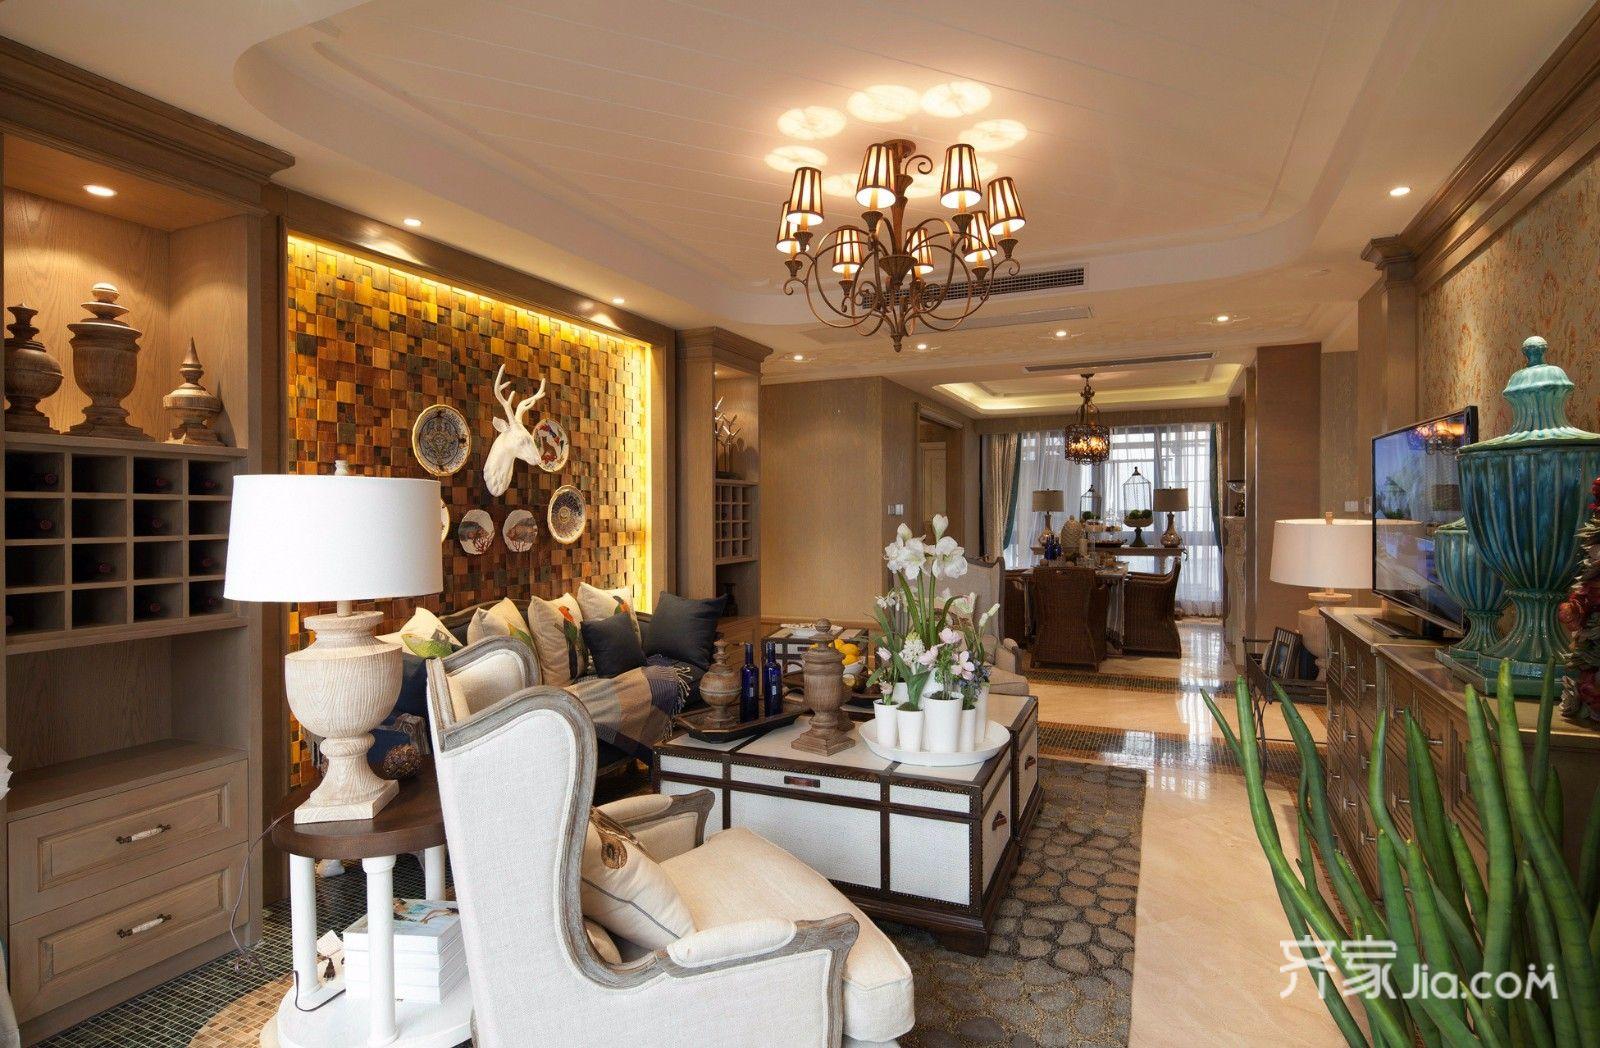 115㎡东南亚风格客厅每日首存送20